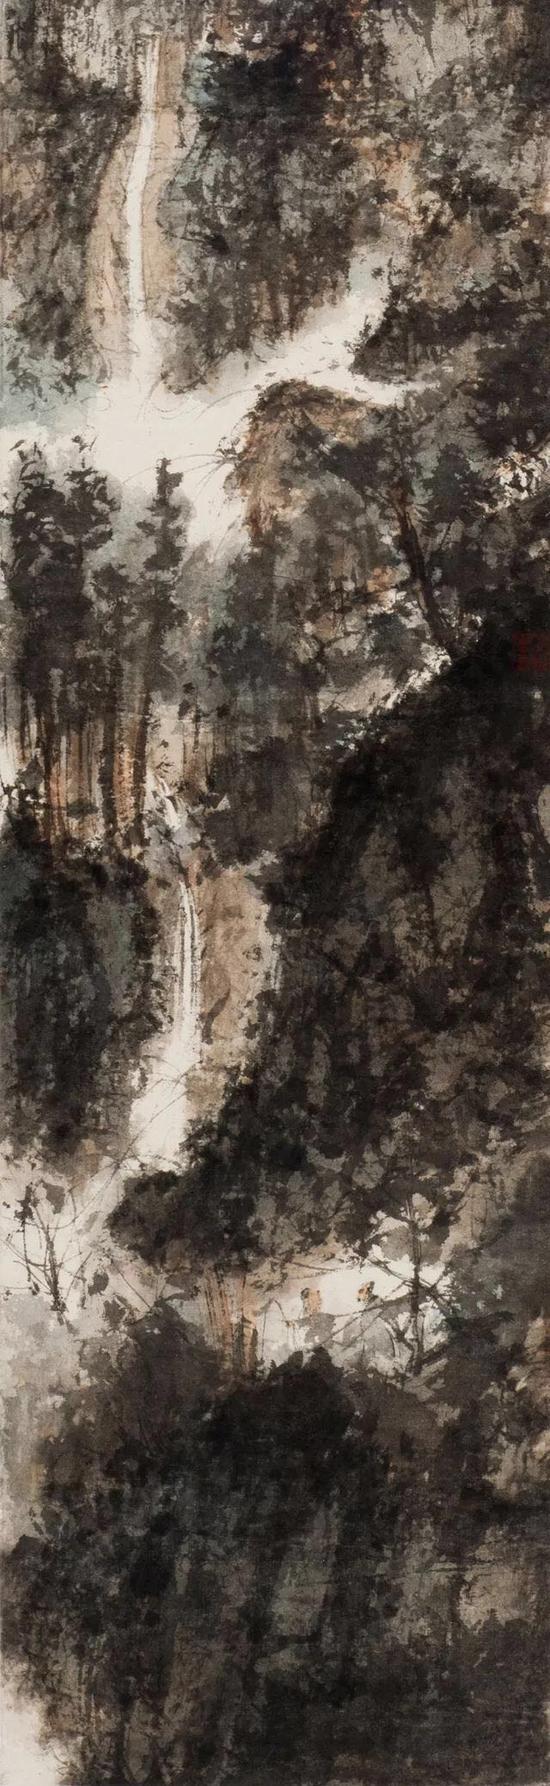 傅抱石 石涛诗意  设色纸本 立轴  1945年作  200.5×30.5cm